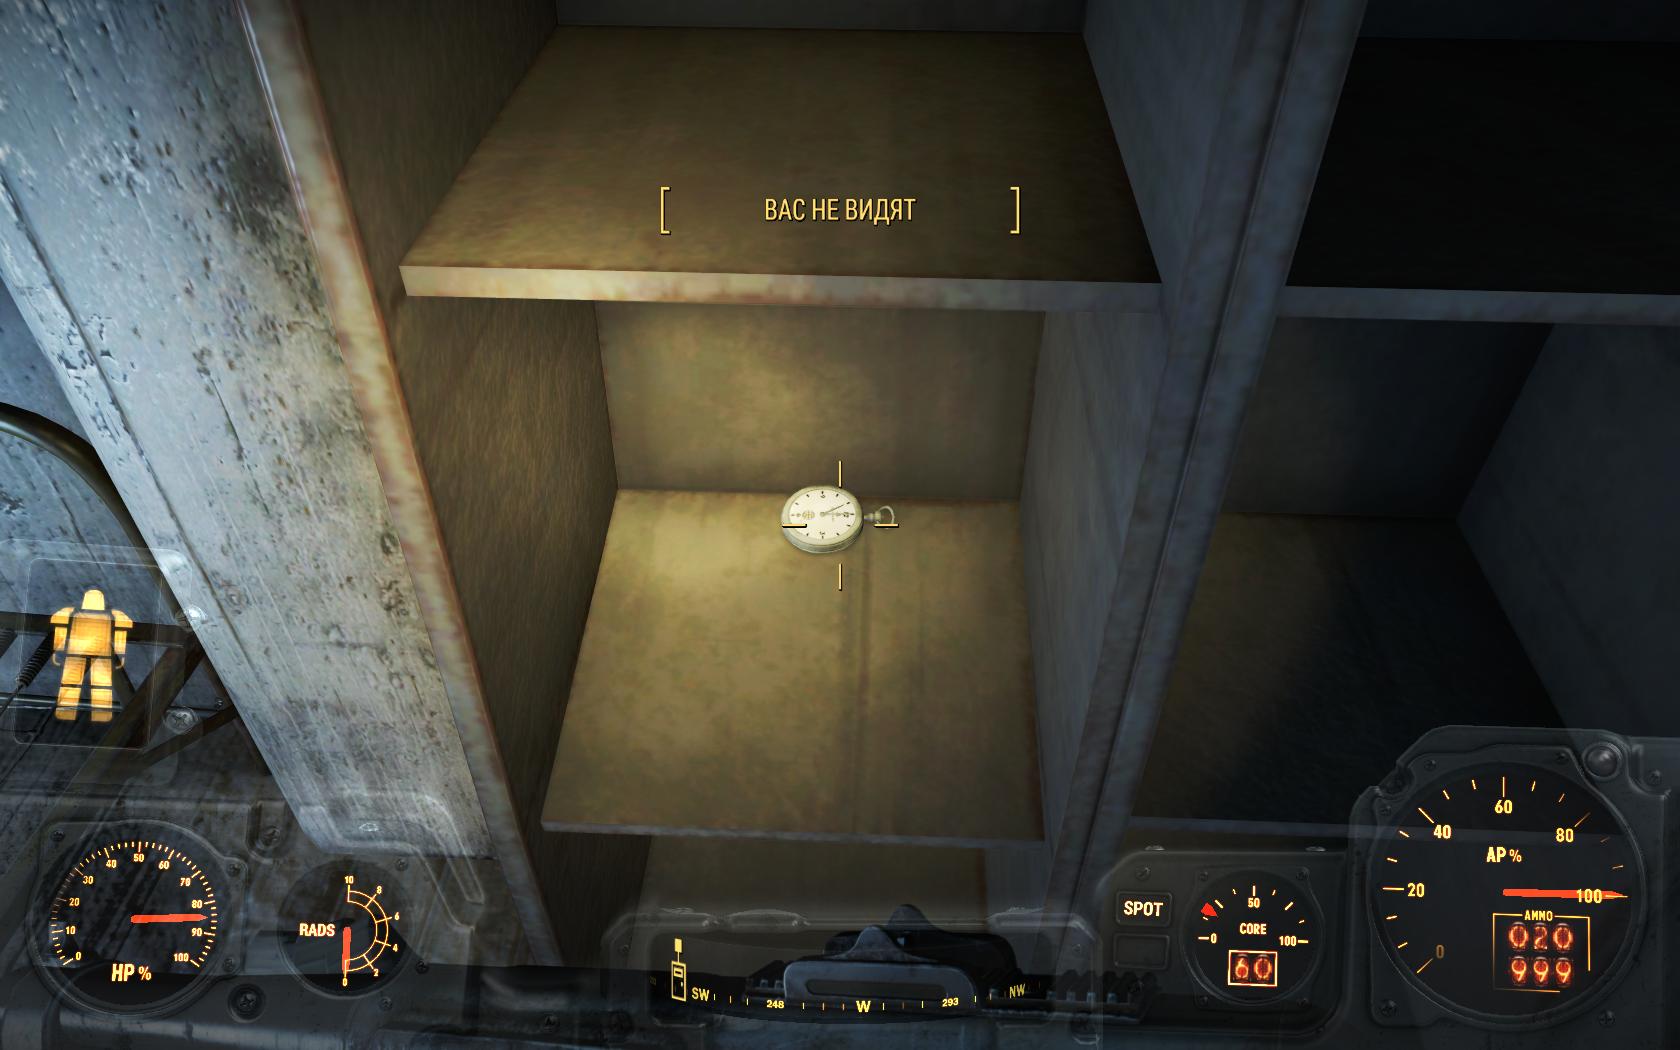 Недоступные часы (Тренировочная площадка Национальной гвардии) - Fallout 4 Баг, Недоступный, Тренировочная площадка Национальной гвардии